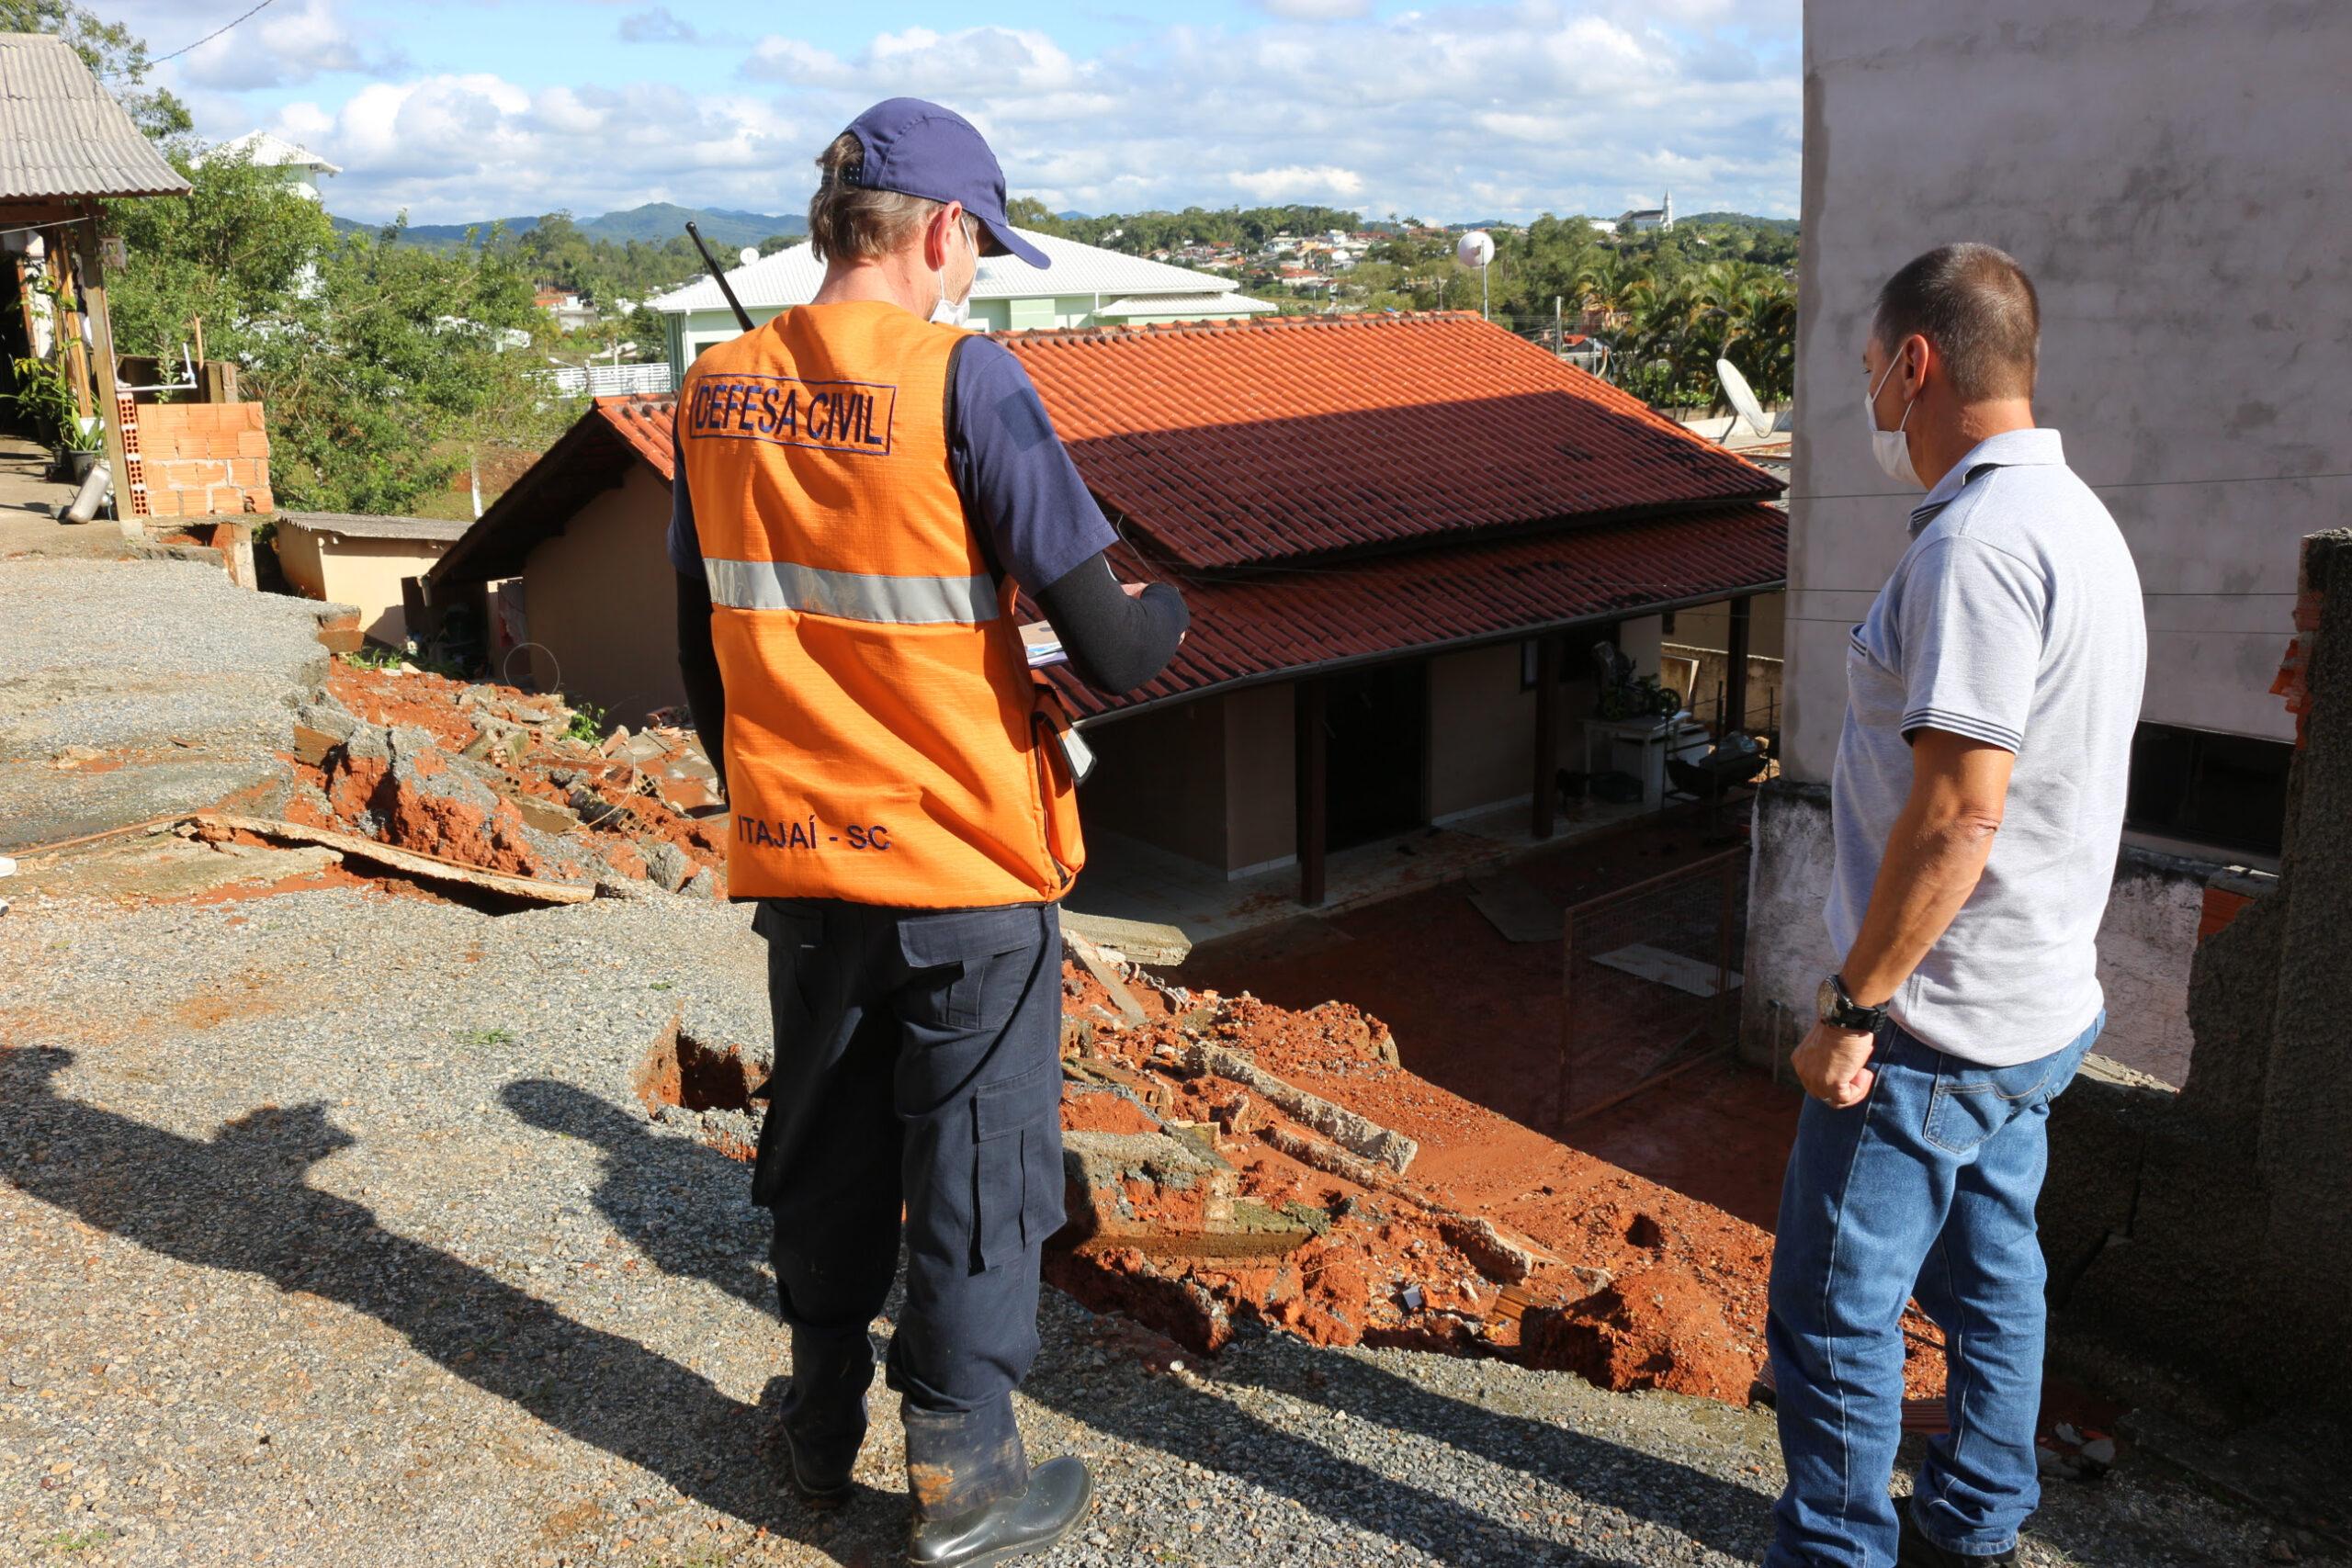 Assistência Social: Câmara antecipa devolução de R$ 2,8 milhões do duodécimo para atender famílias atingidas pelas chuvas